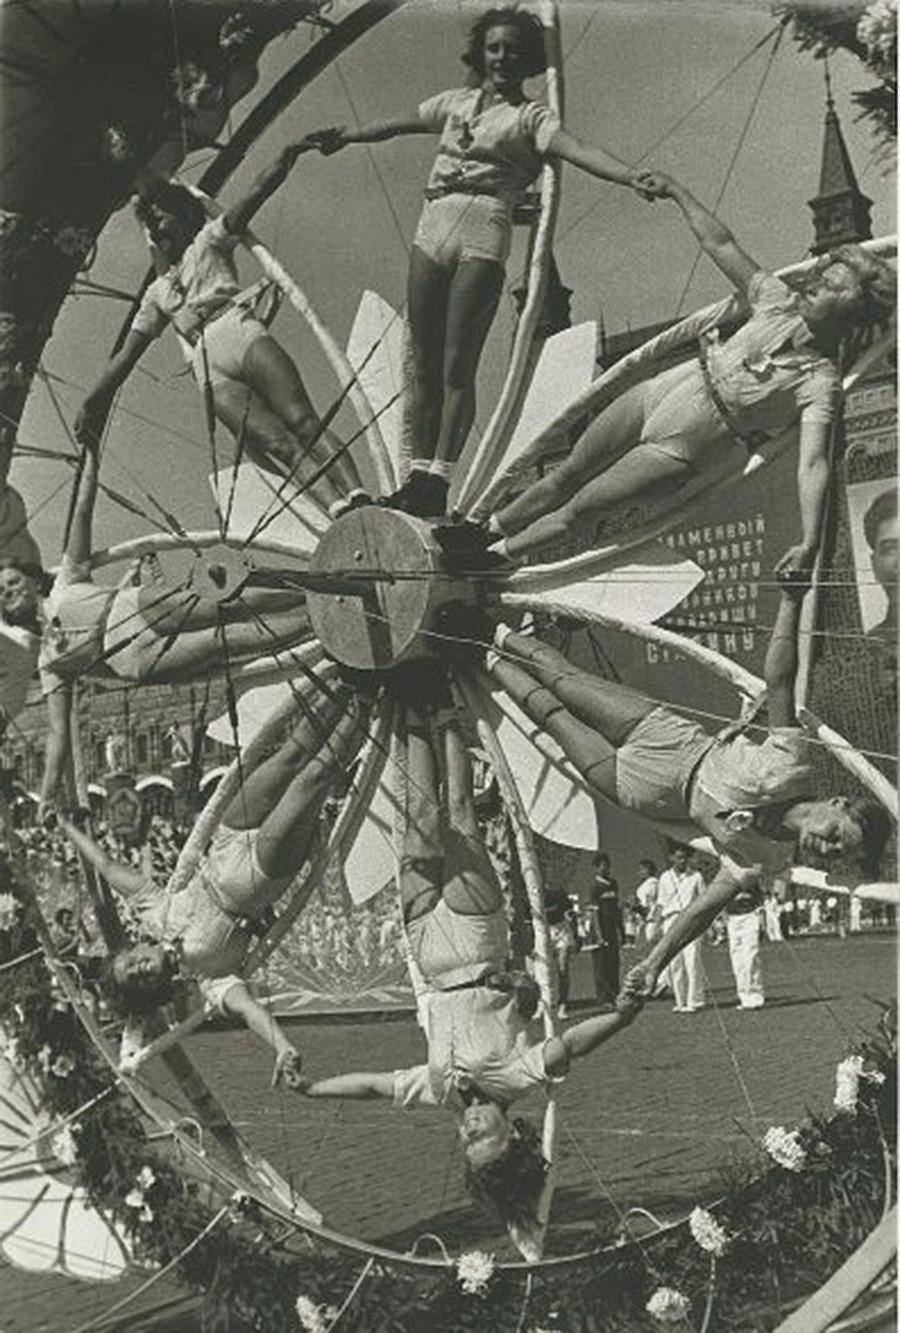 Le parate di educazione fisica sono note anche per le complicate figure che i partecipanti costruiscono con il proprio corpo. Ogni spettacolo richiedeva un duro lavoro, perché tutto doveva essere perfetto. Esibizione di un gruppo di ginnaste, 1936